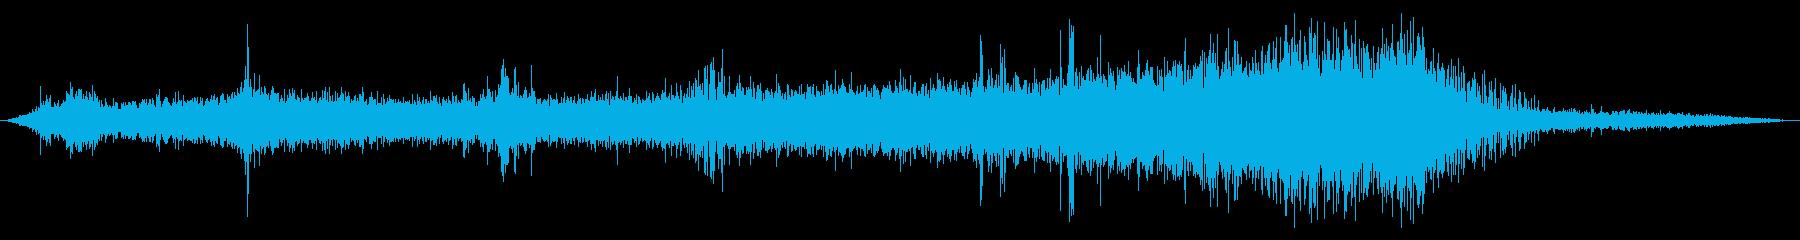 両生類のツインプロップ飛行機:内線...の再生済みの波形